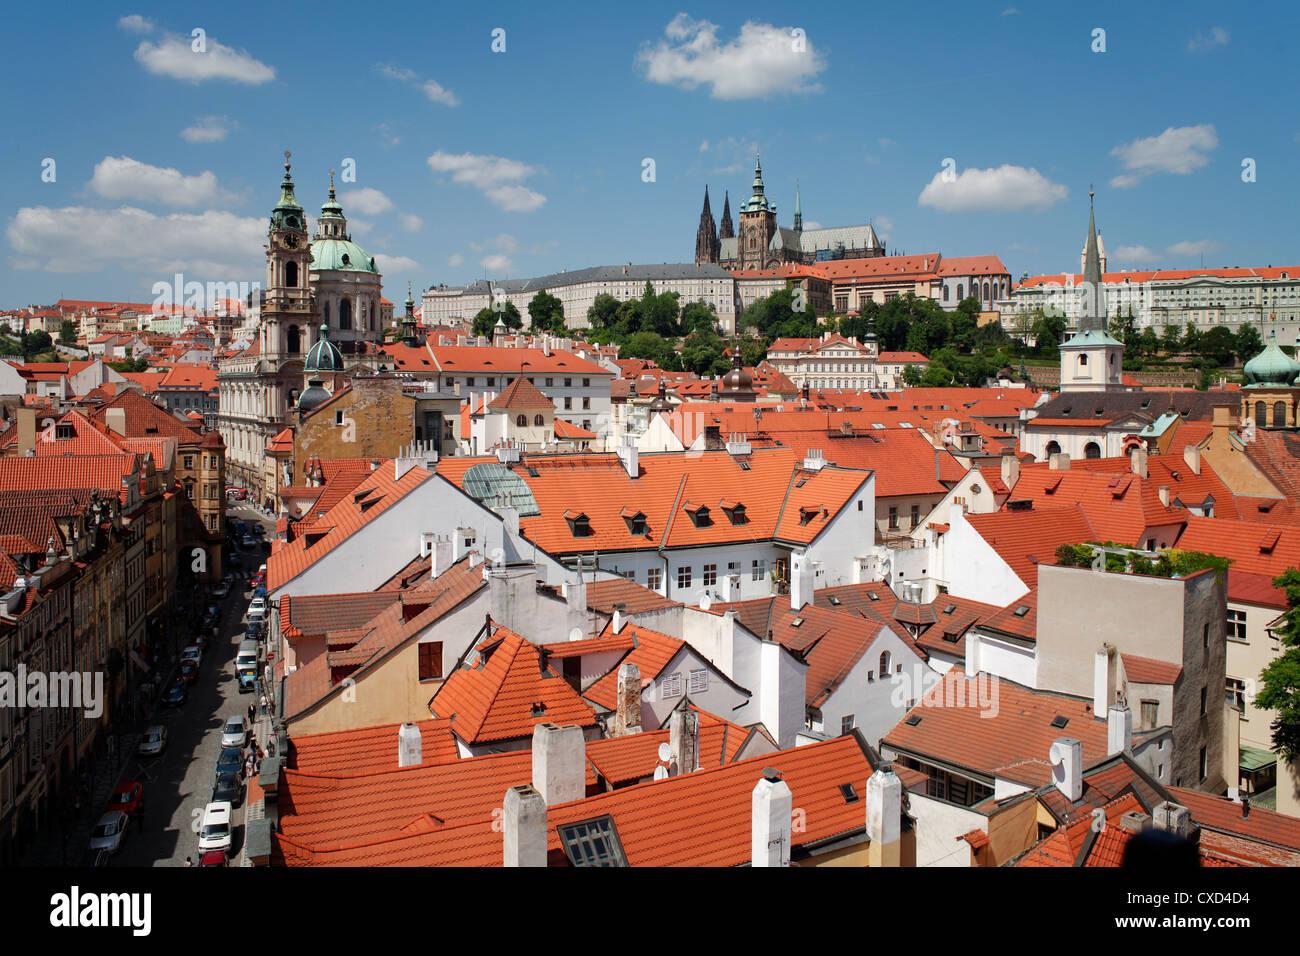 St.-Veits-Dom und St.-Nikolaus-Kirche, Prag, Tschechische Republik, Europa Stockbild